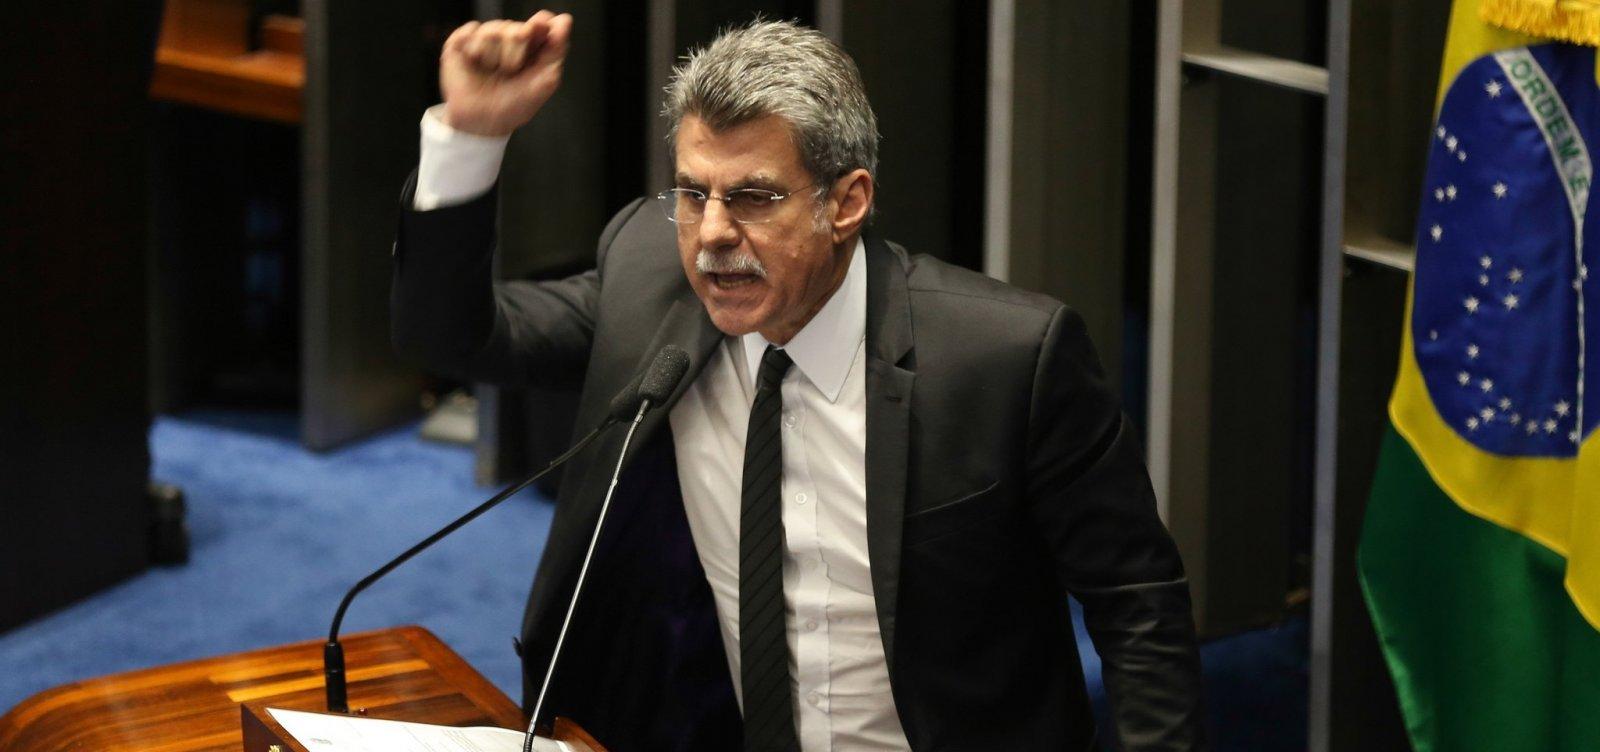 Derrotado após 24 anos, Jucá diz que 'tivemos a crucificação dos políticos'